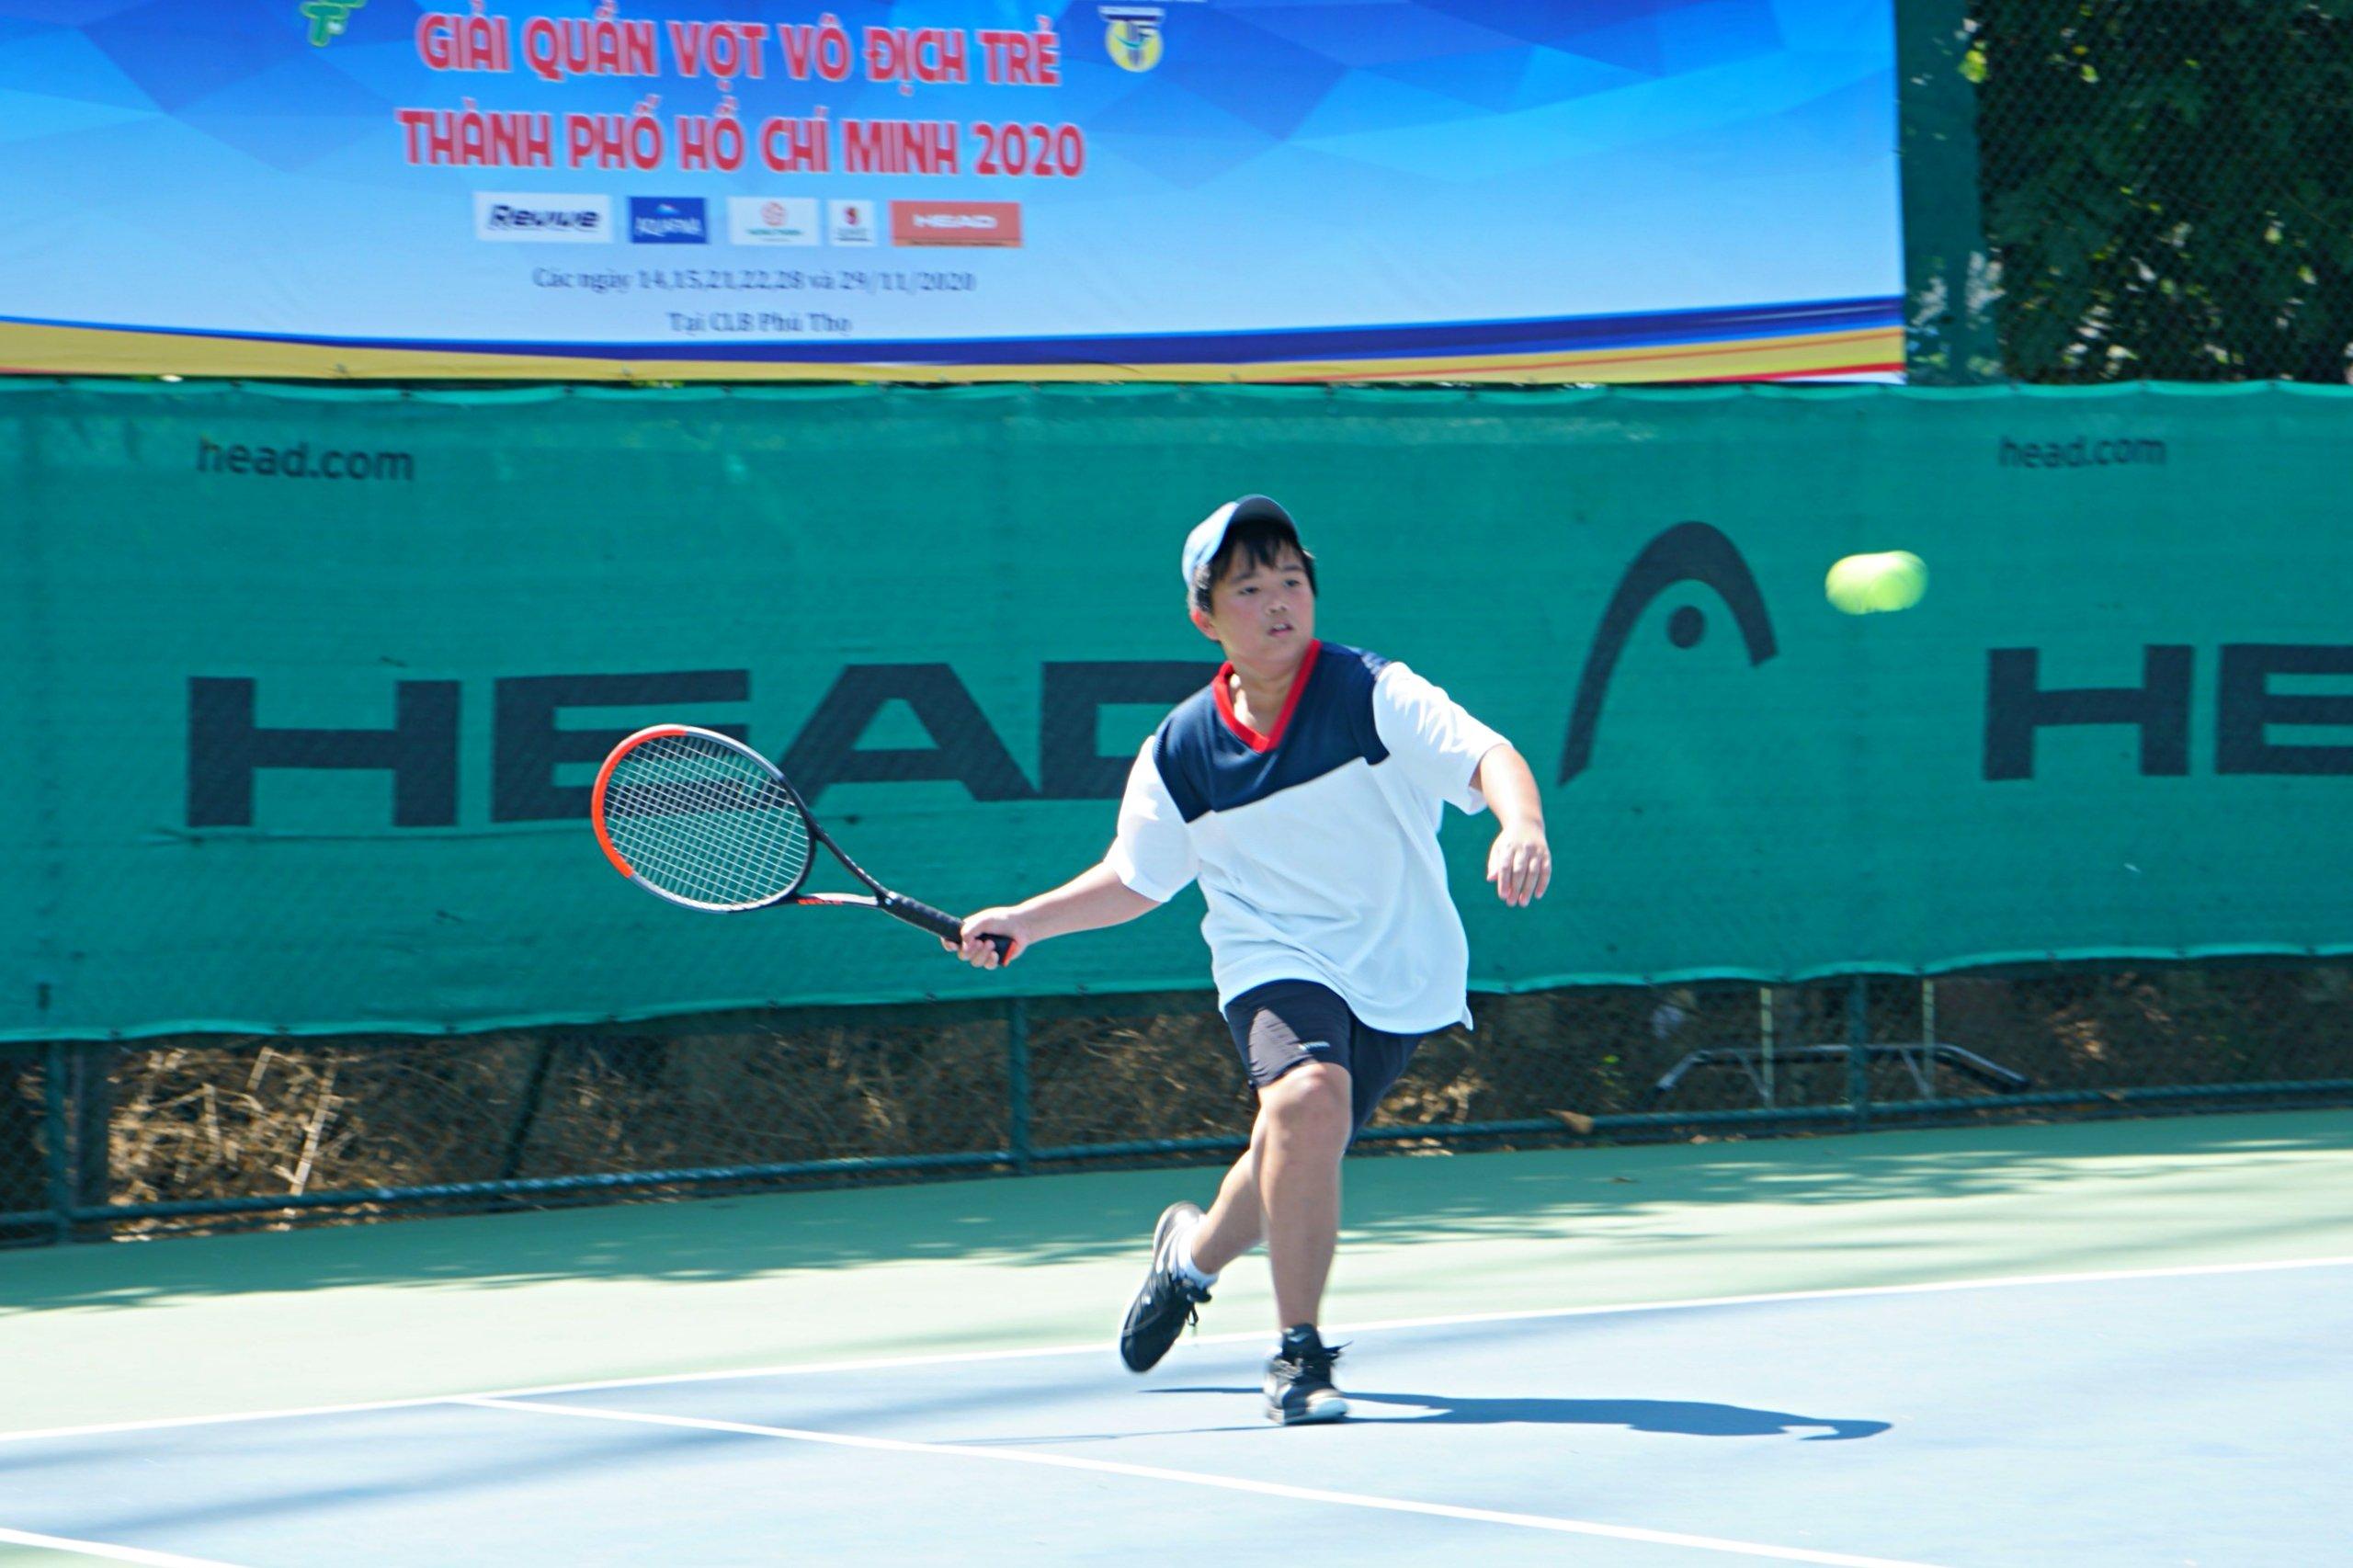 Hình ảnh: Khởi tranh giải quần vợt vô địch trẻ TP.HCM 2020 số 1